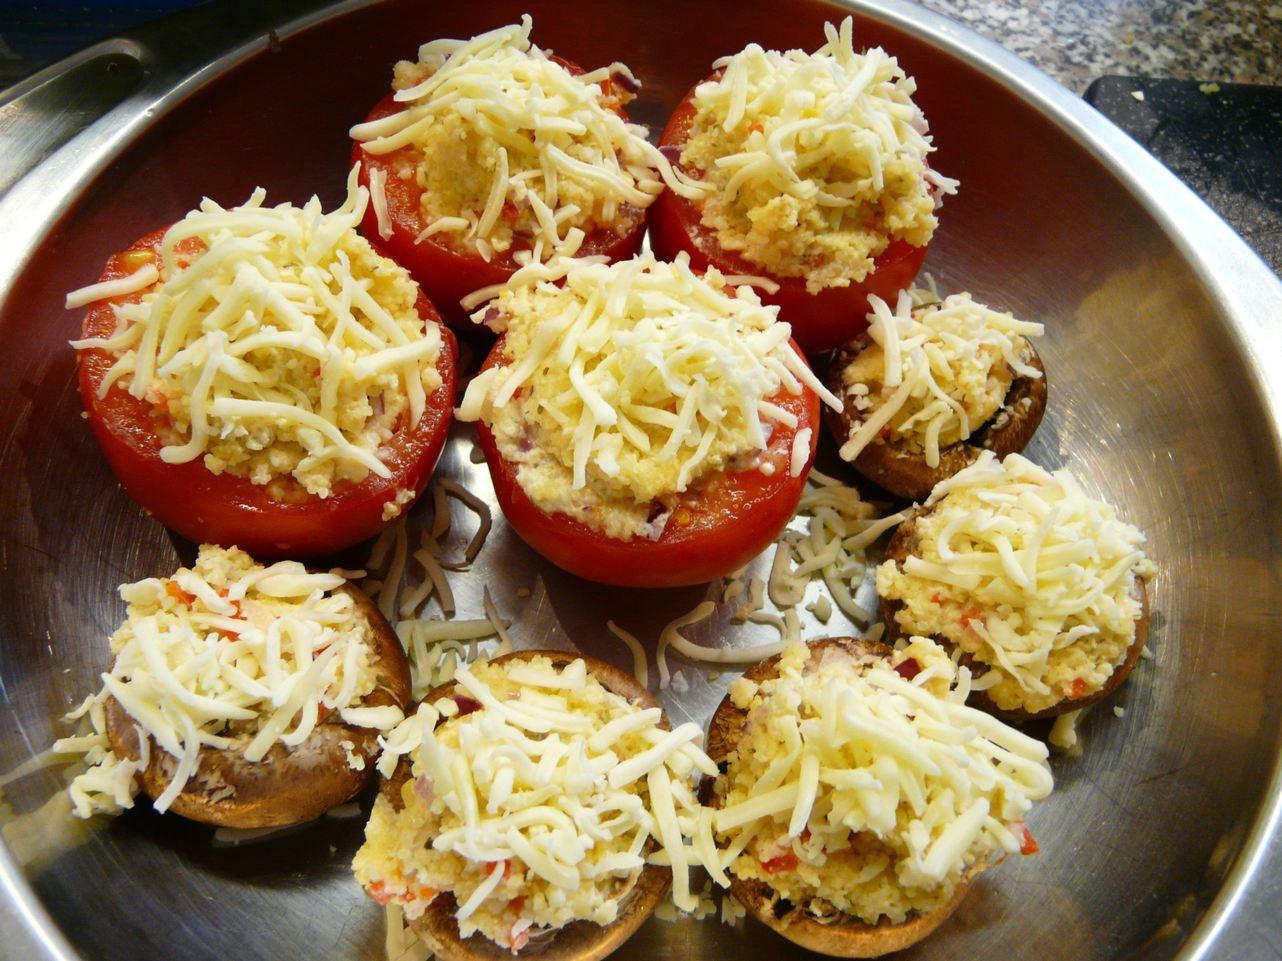 Gefüllte Tomaten mit Cous Cous und Käse bestreuen